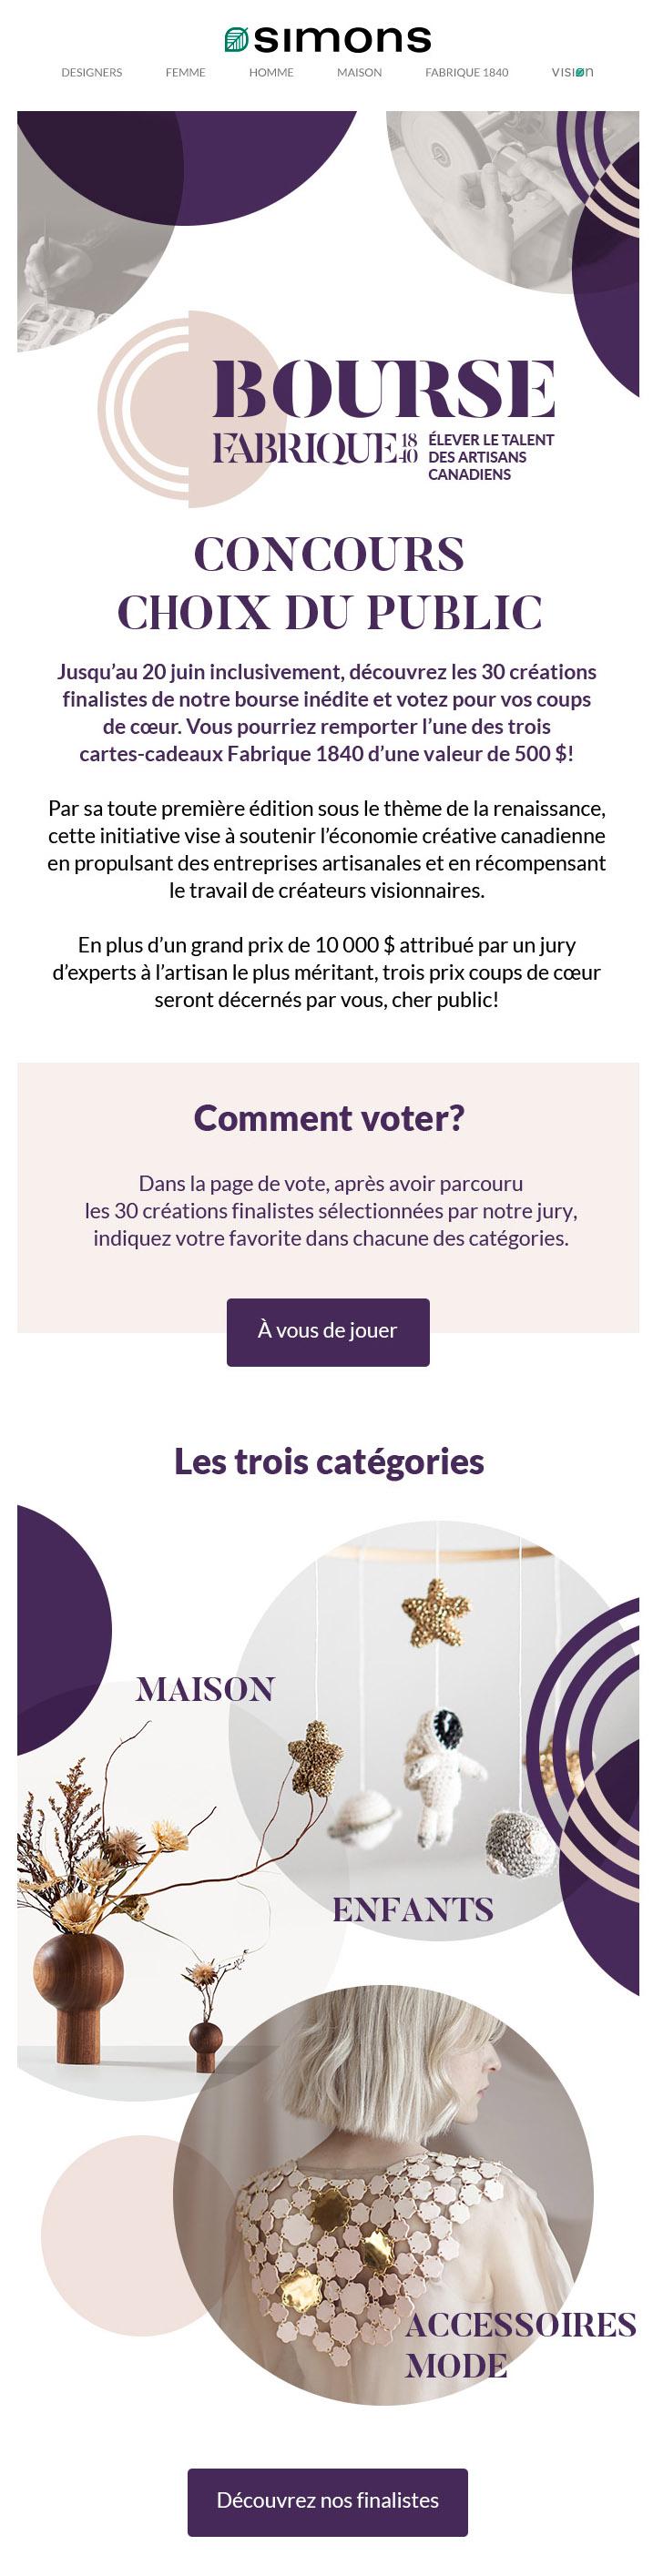 Bourse Fabrique 1840 : à Vous De Voter!